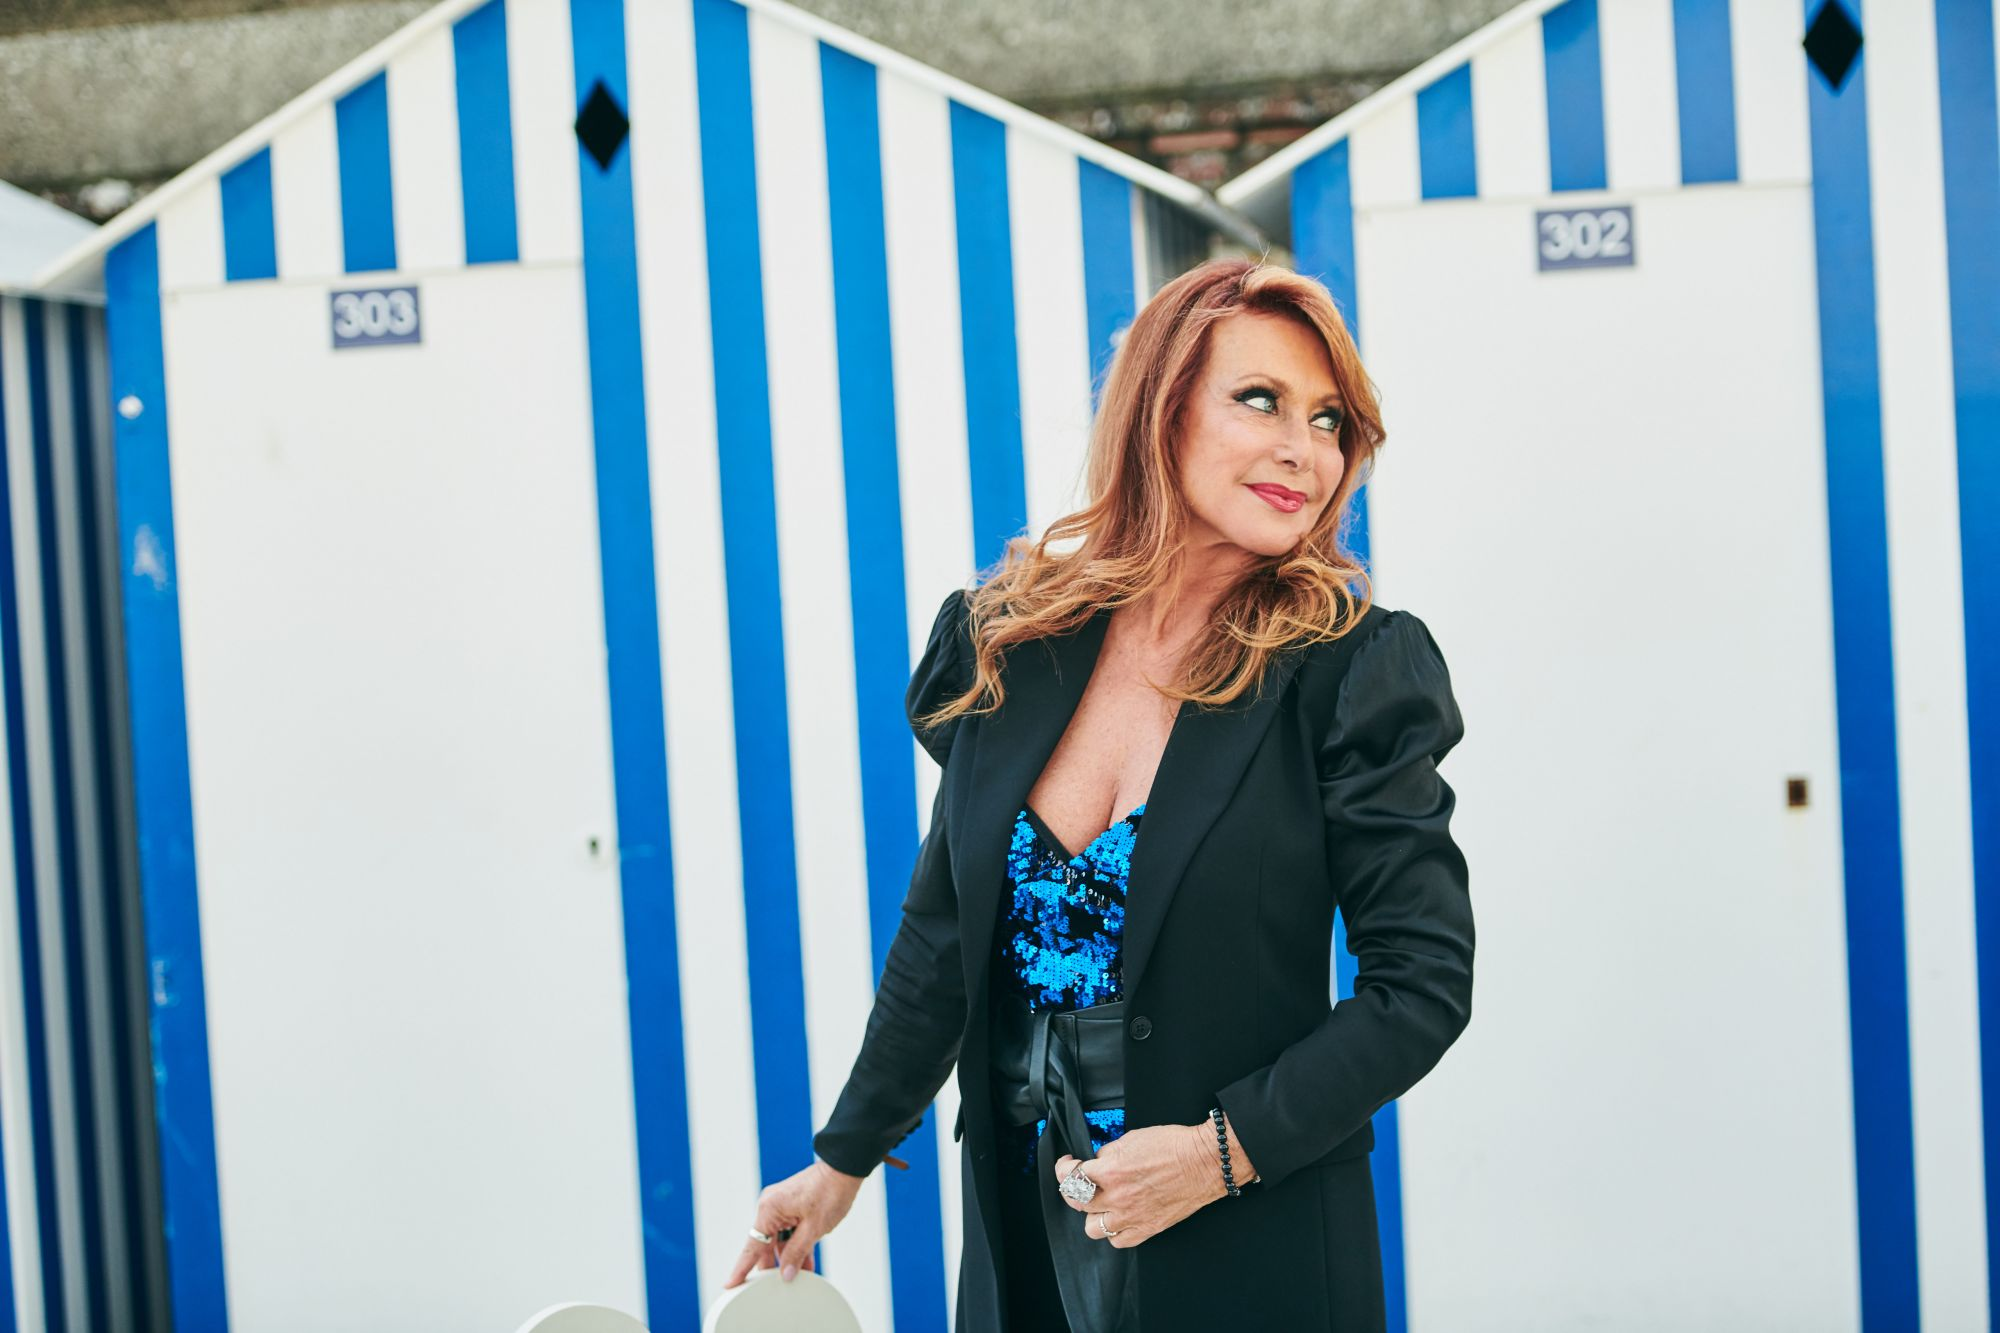 Julie Pietri Maquillage : Dr. Hauschka Coiffure : Franck Provost